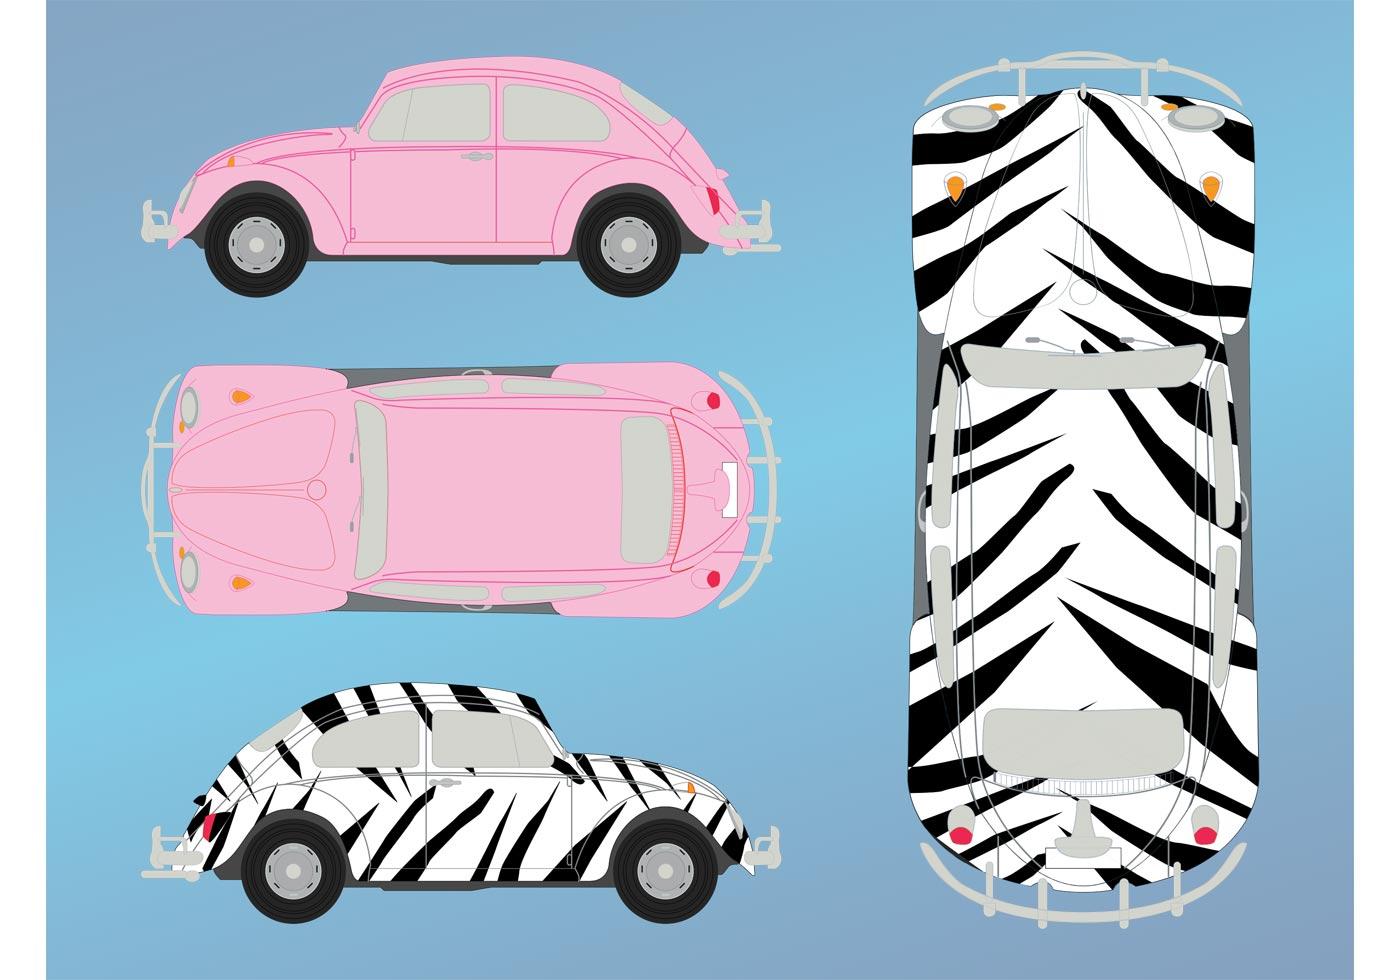 Volkswagen Beetle Free Vector Art - (2447 Free Downloads)